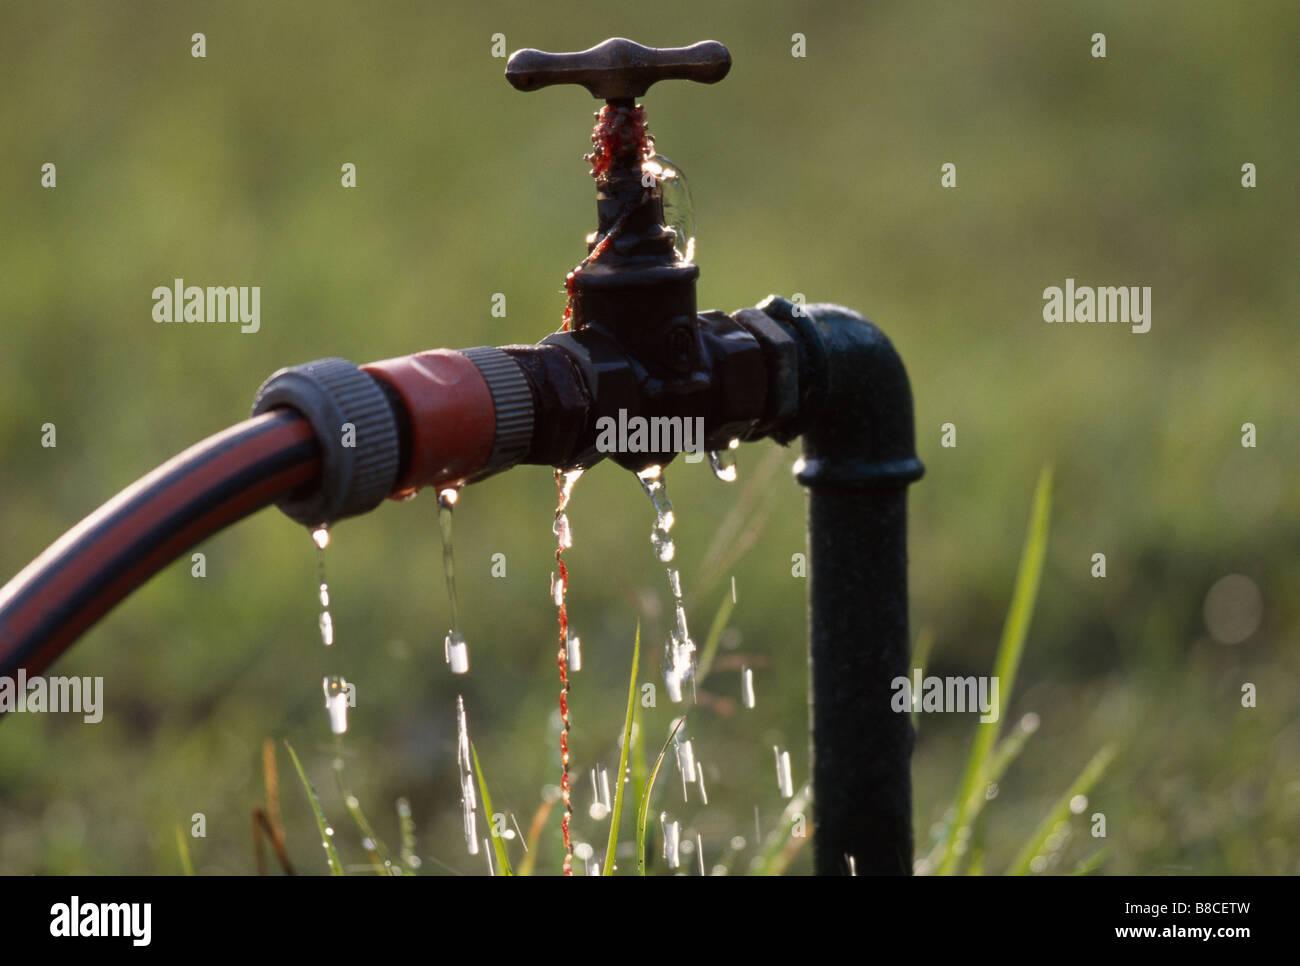 Wasserhahn Undicht Stockfoto Bild 22402713 Alamy